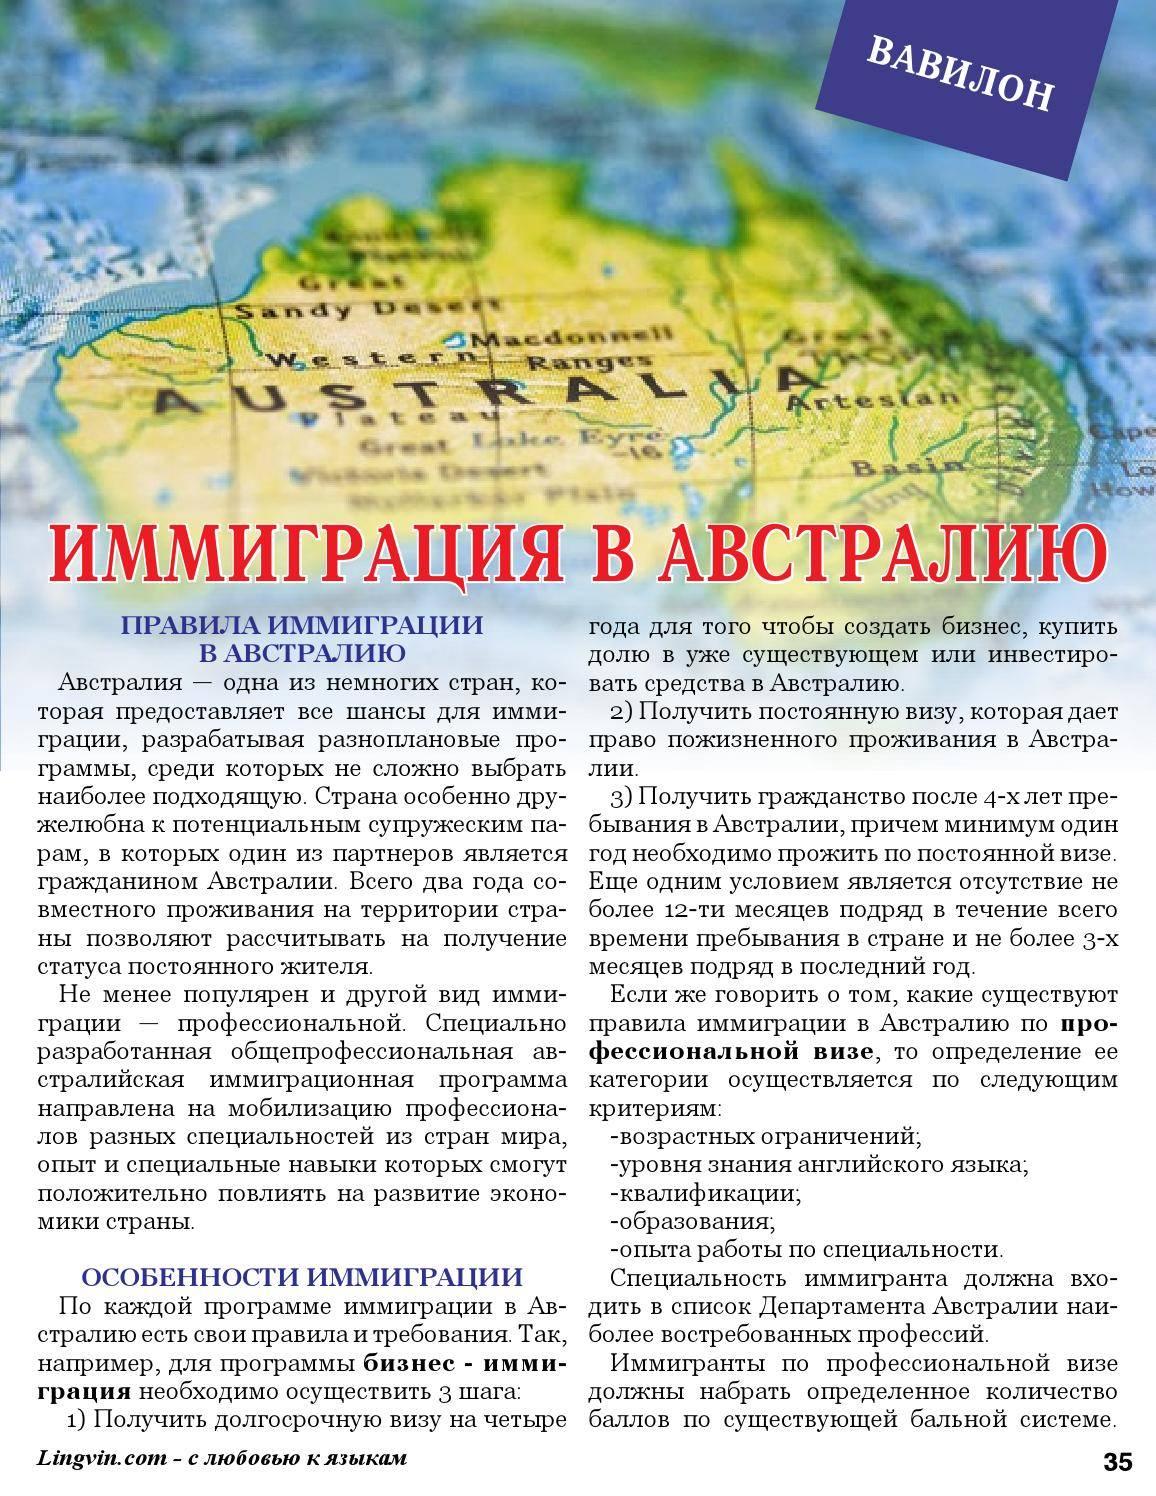 Эмиграция. иммиграция в австралию 2018. иммиграция по профессиональной категории — про австралию : proau.info